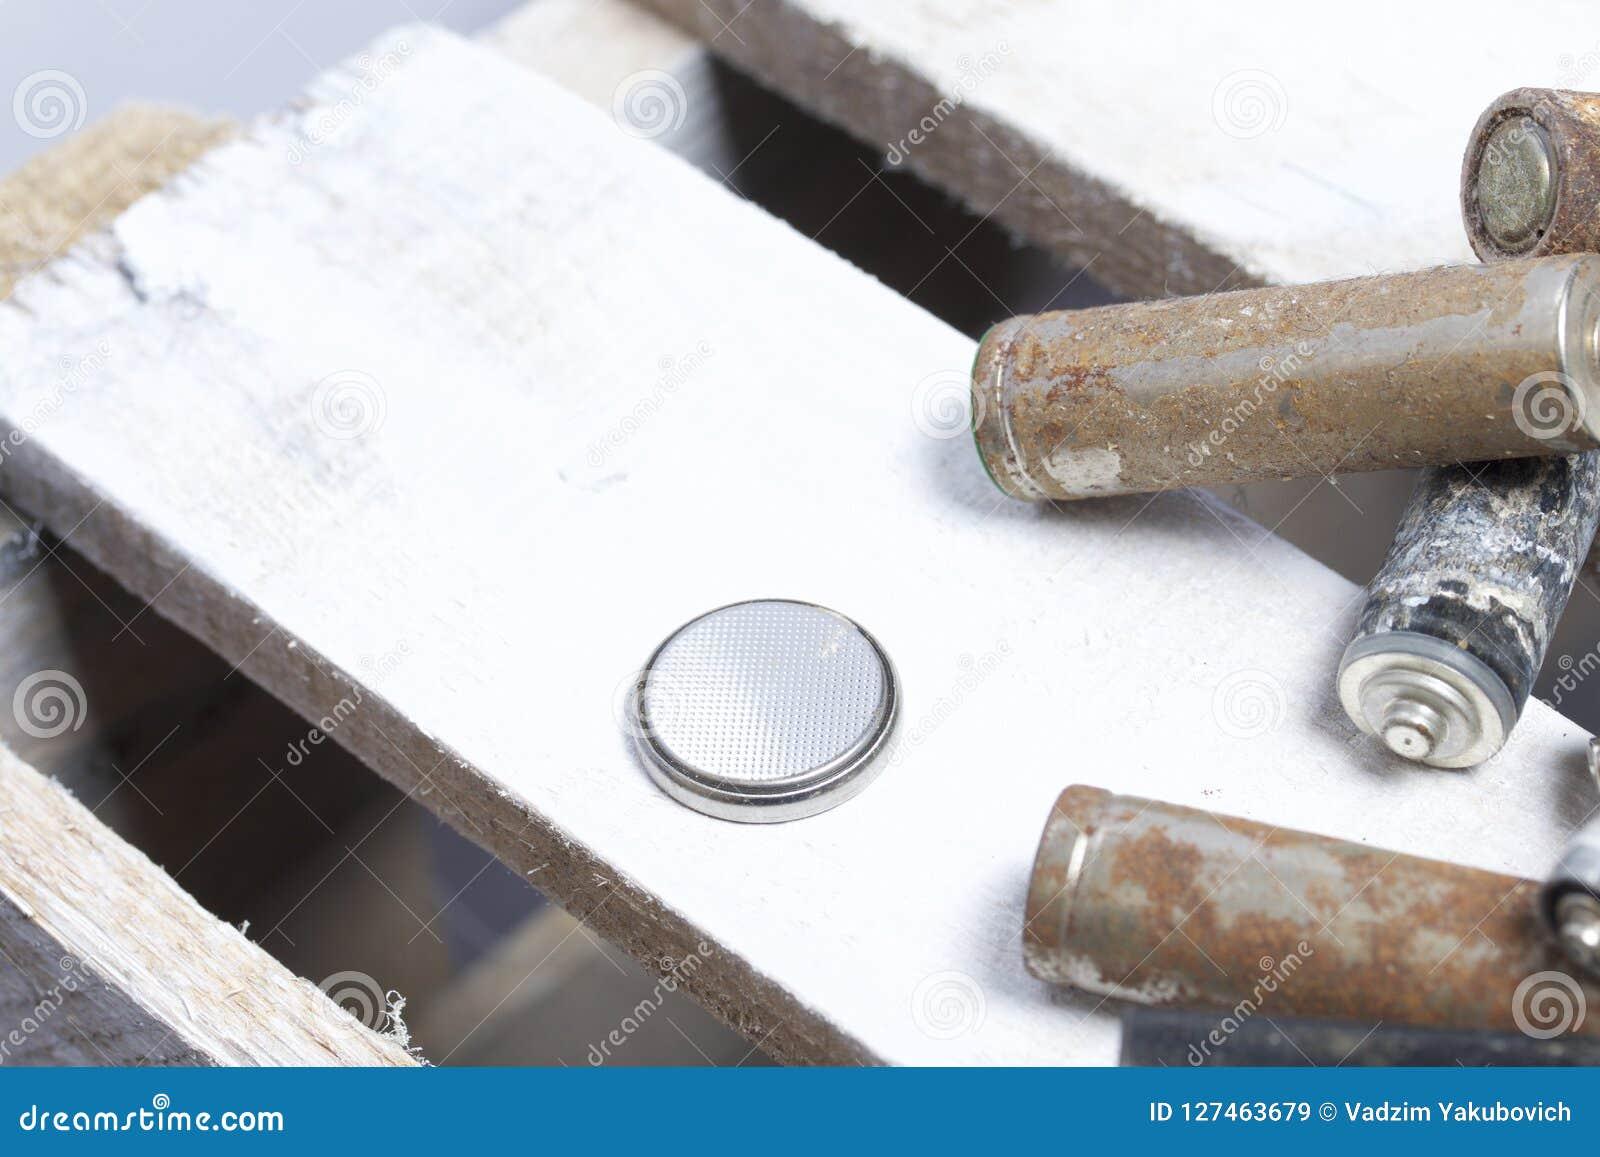 用腐蚀盖的使用的手指创伤电池 他们在一个木箱说谎 回收